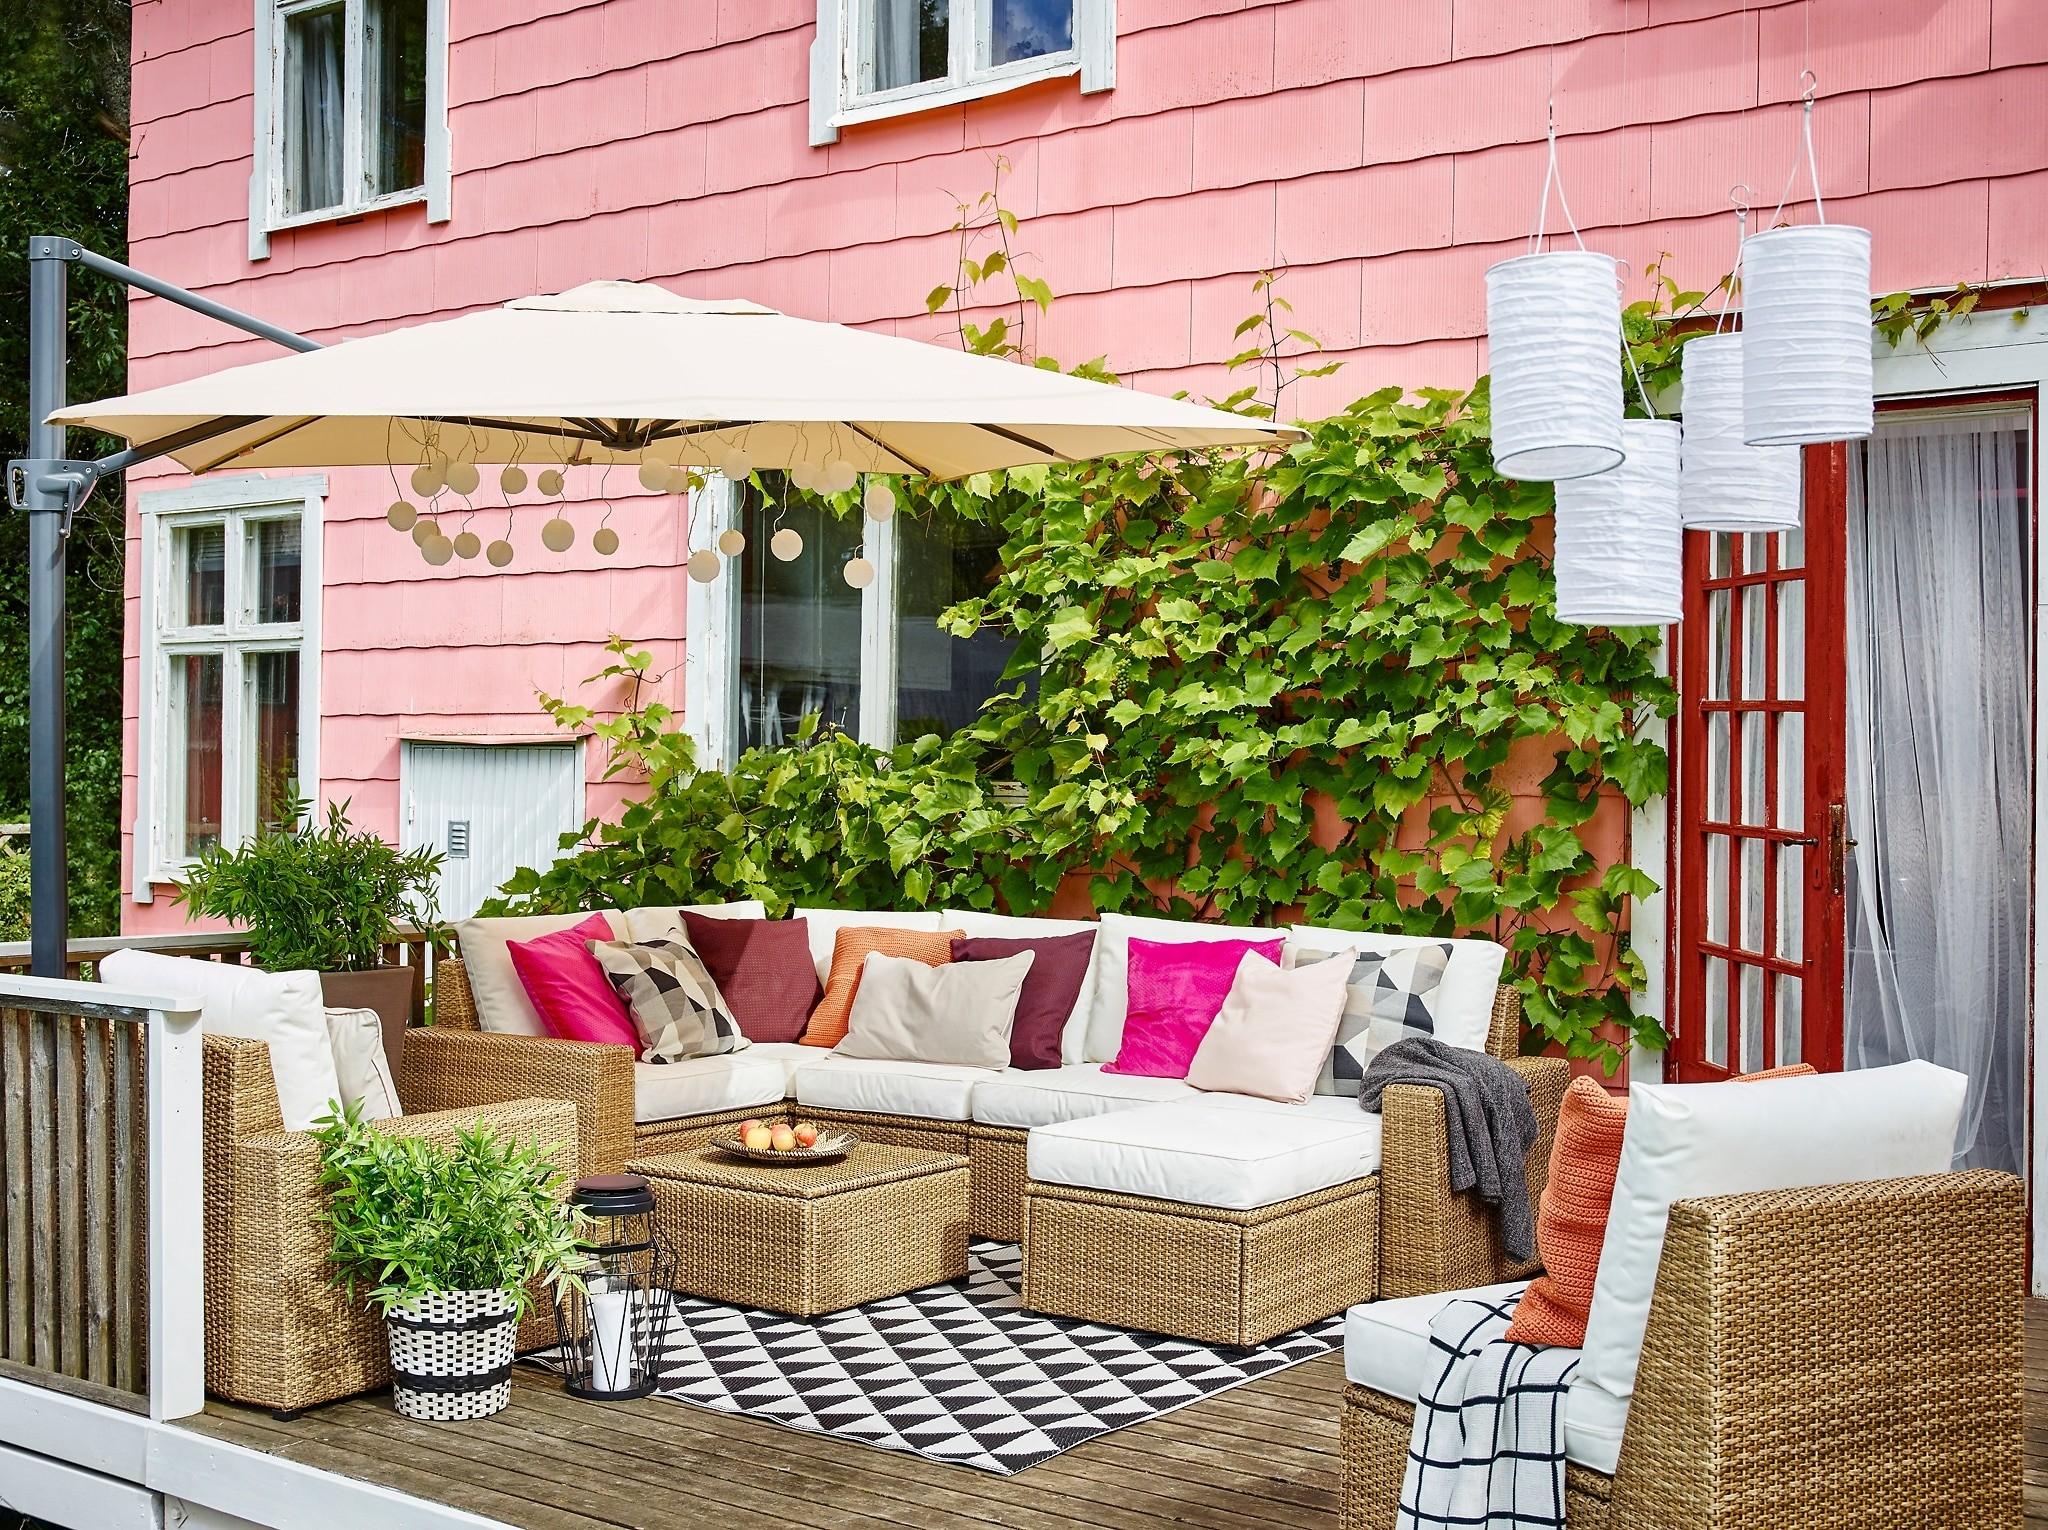 terrasse jardin ikea avec ikea ikea ext c3 a9rieur brun blanc solleron canap c3 a9 d angle fauteuil tabouret s5 et brise vue balcon ikea 14 2048x1530px brise vue balcon ikea